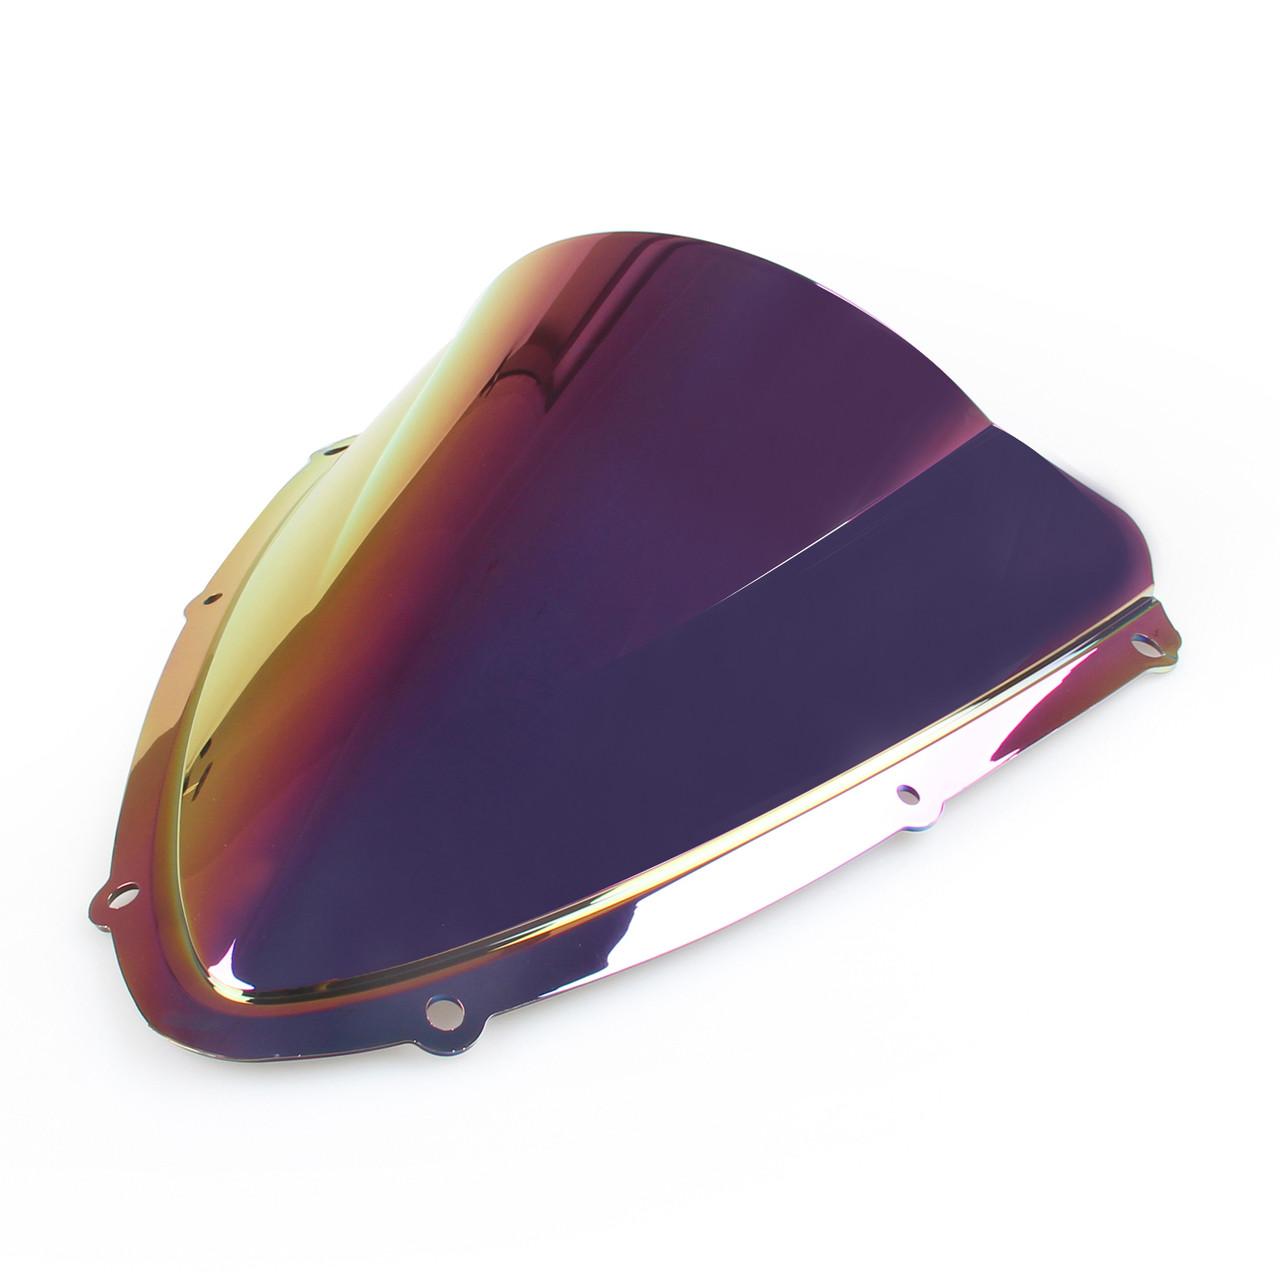 http://www.madhornets.store/AMZ/MotoPart/Windshield/Suzuki/WIN-S303/WIN-S303-Iridium-1.jpg